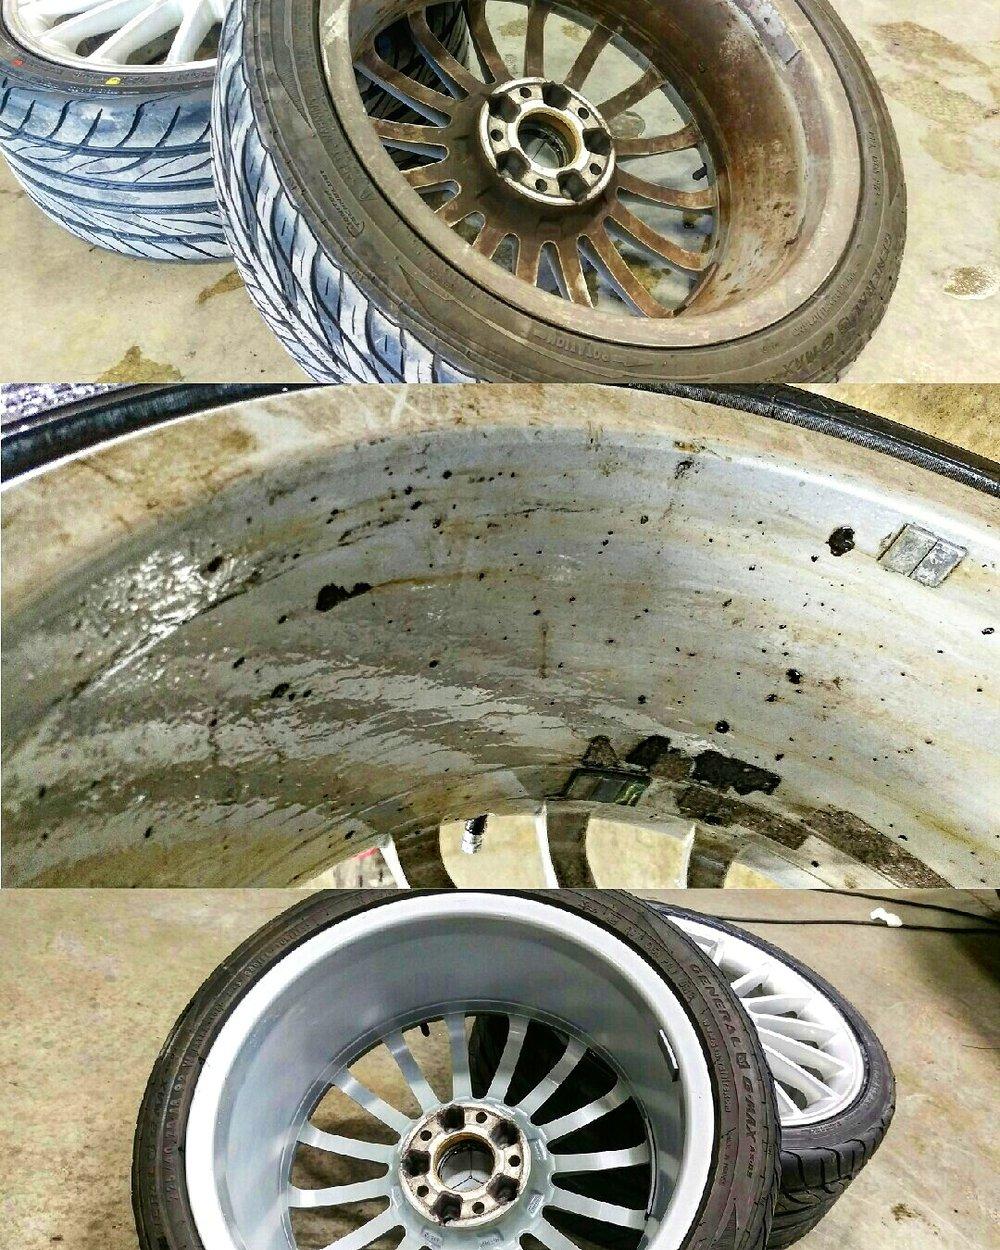 Wheel Removal & Decontamination